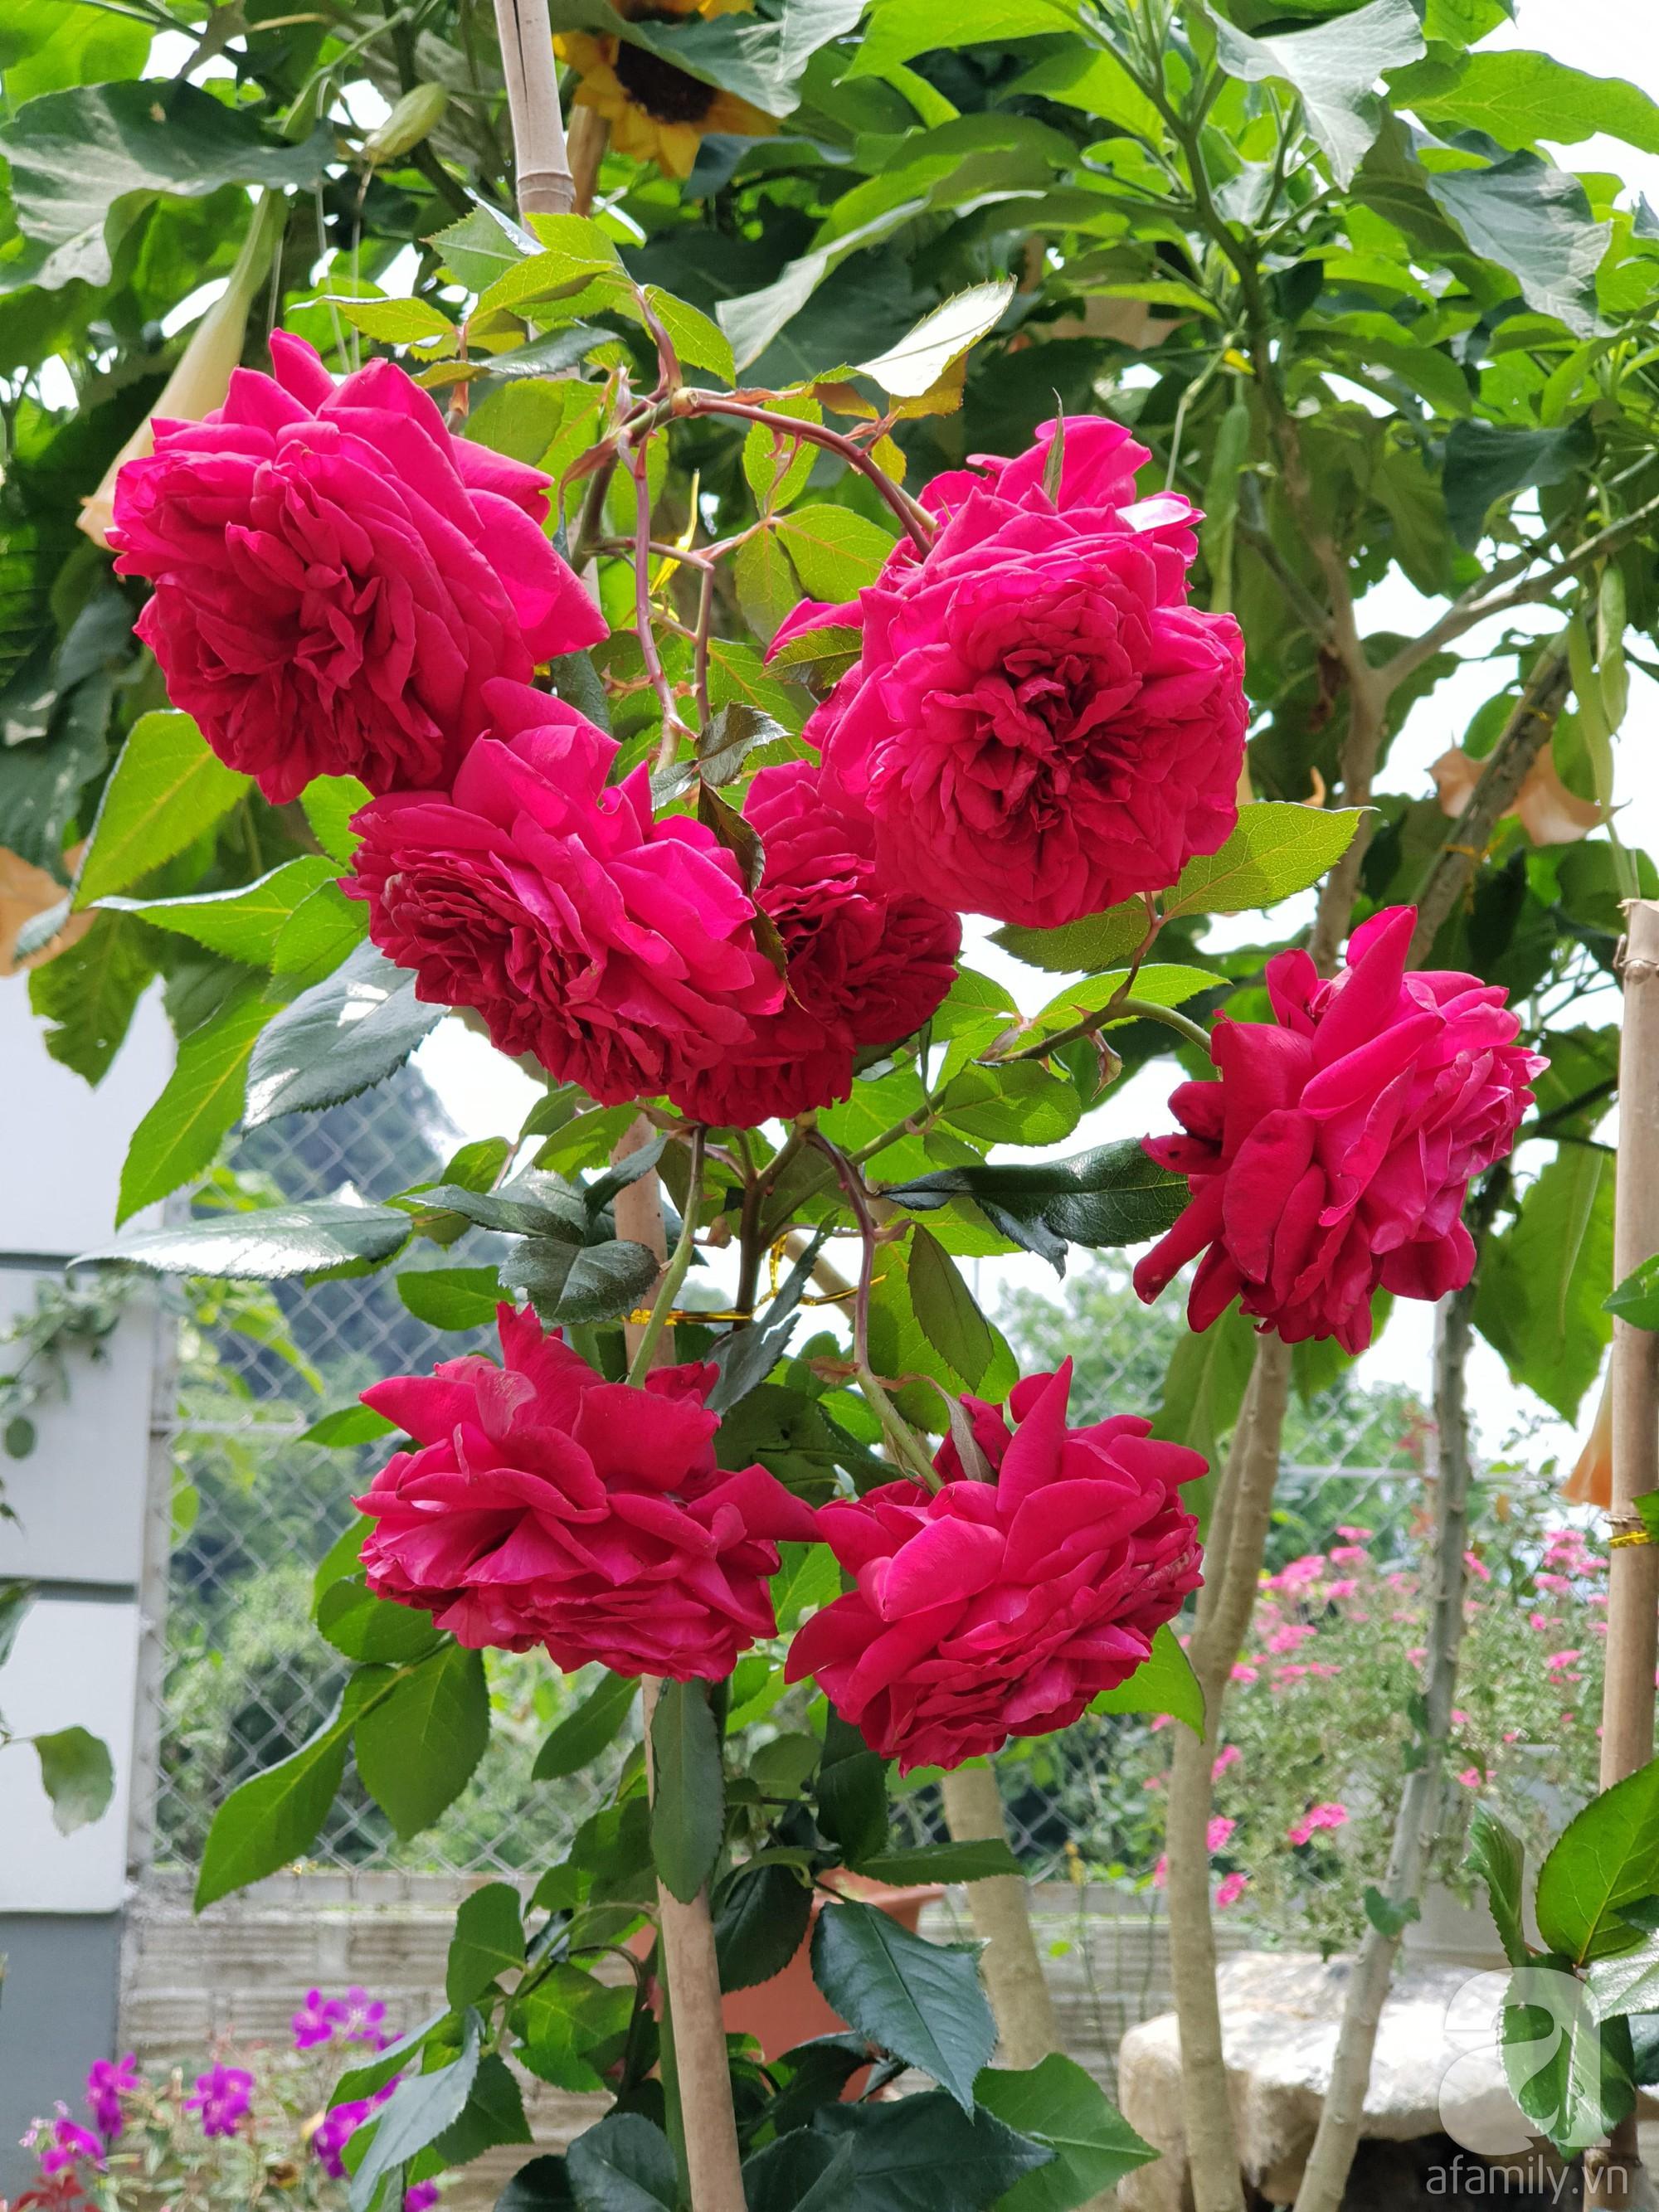 Ngôi nhà hoa hồng thơm ngát và rực rỡ với hàng trăm gốc hồng trên triền núi của cô giáo ở Cao Bằng - Ảnh 23.